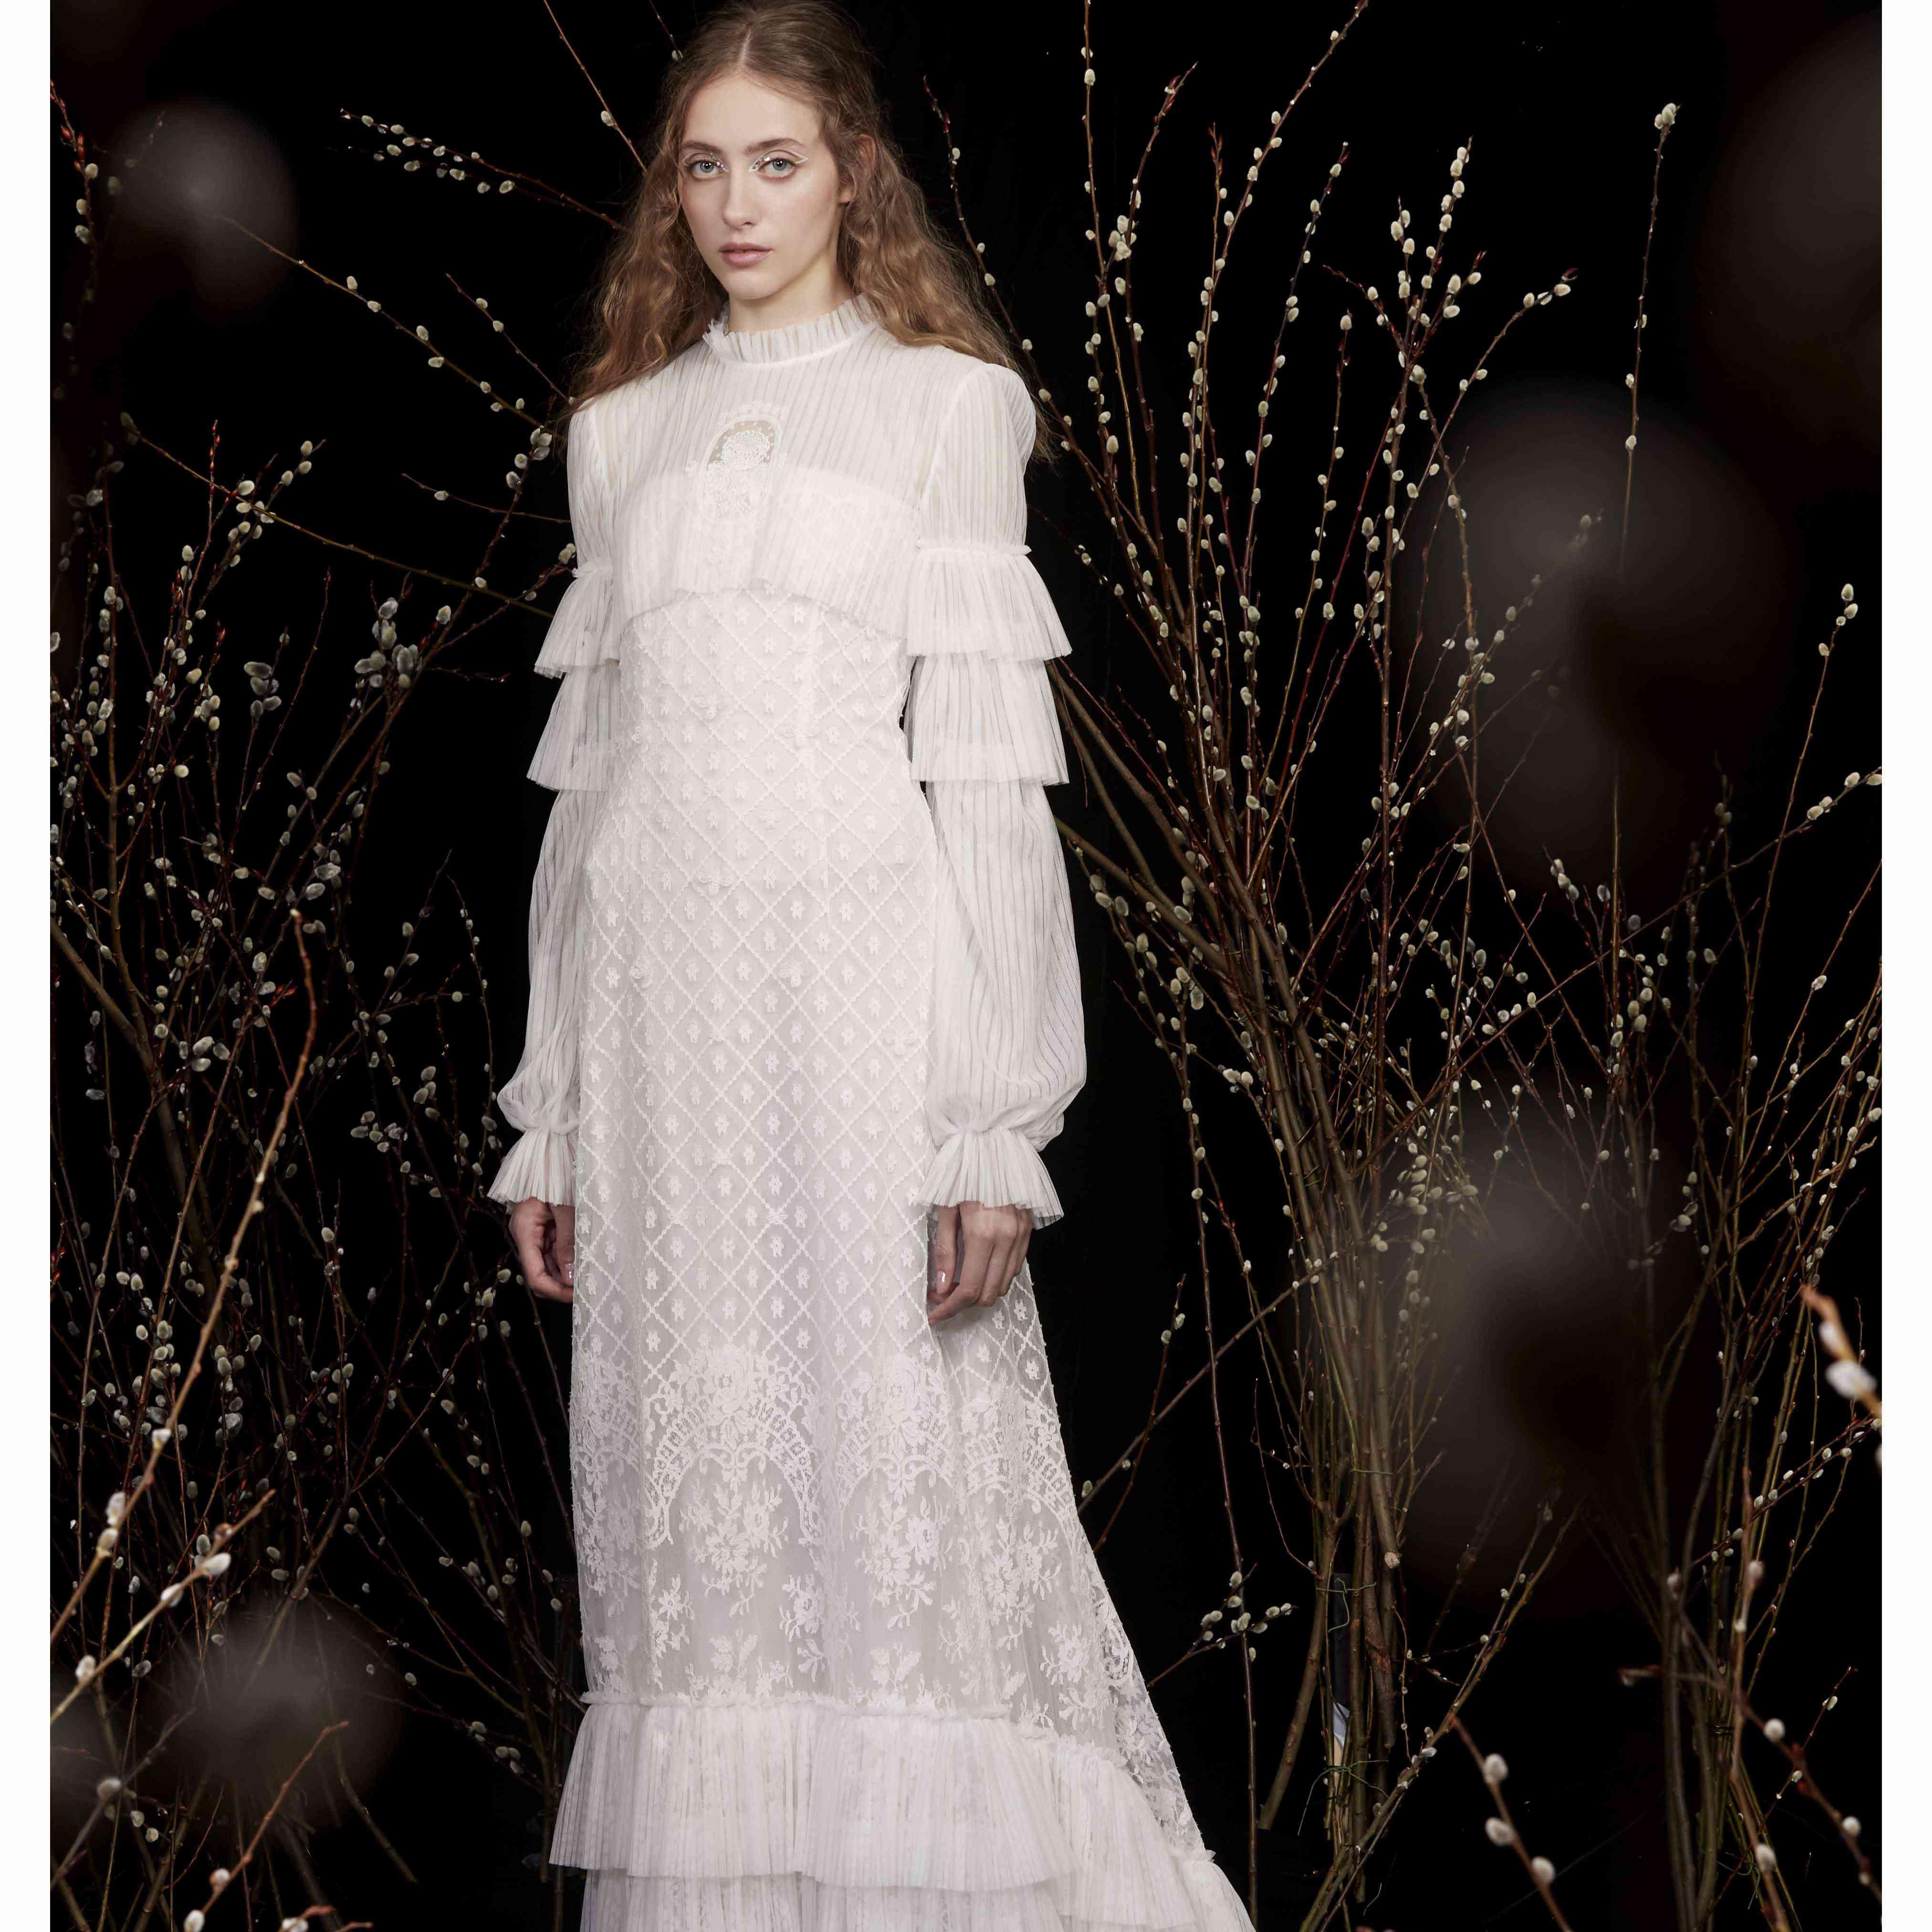 Model in long sleeves ruffle neck wedding dress